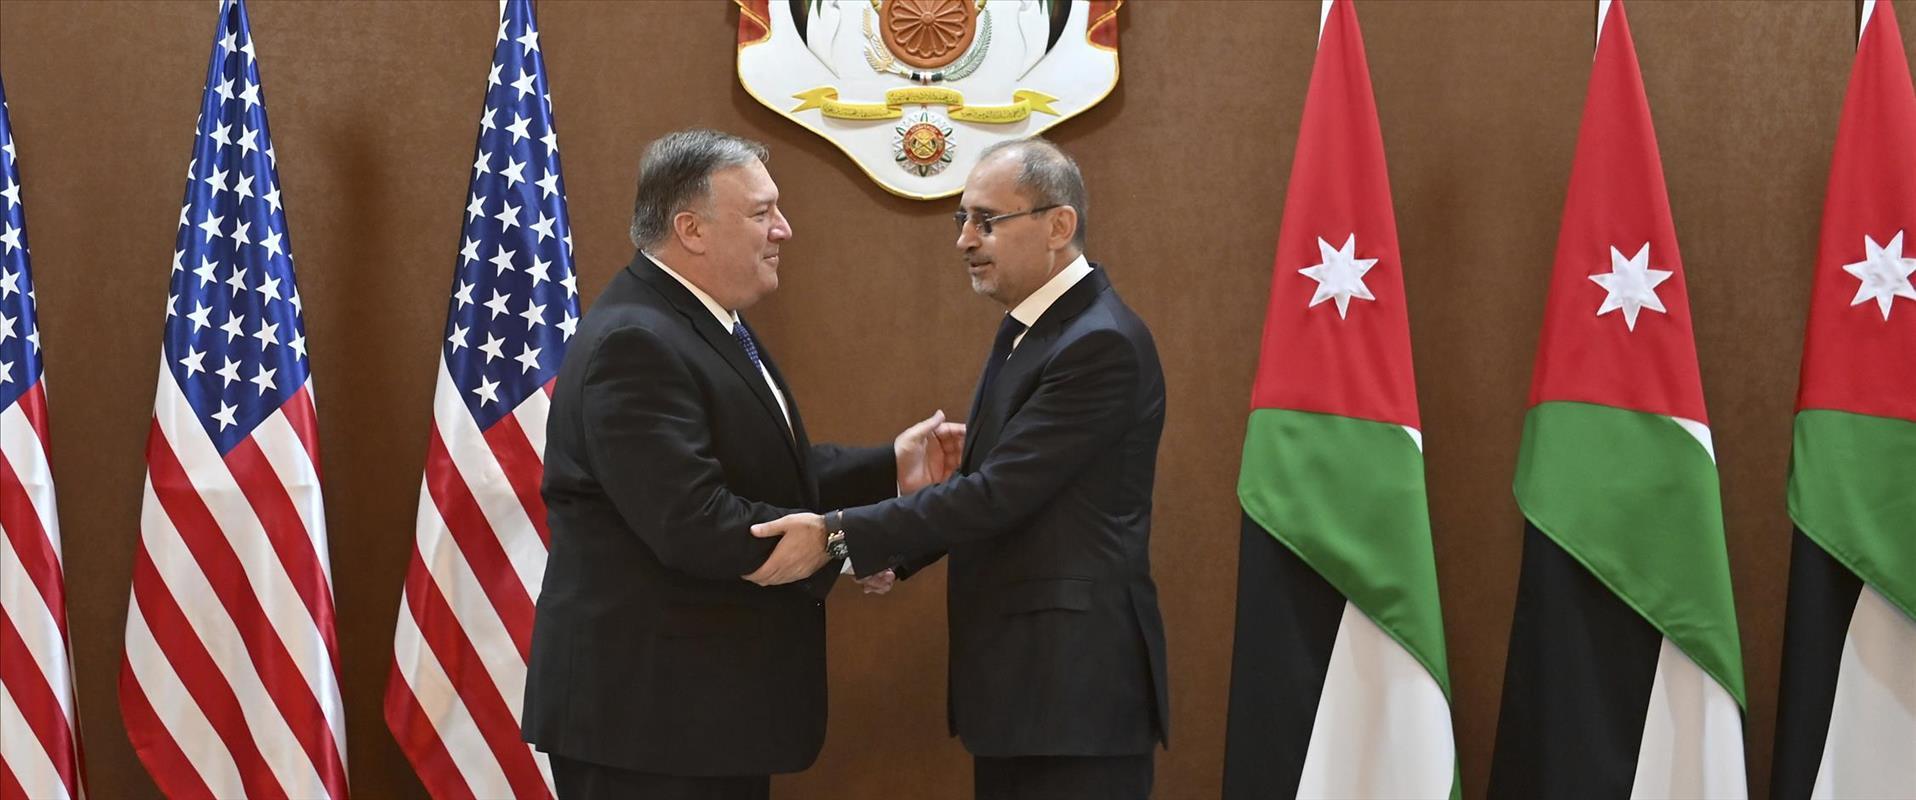 שר החוץ האמריקני מייק פומפאו ומקבילו הירדני איימן